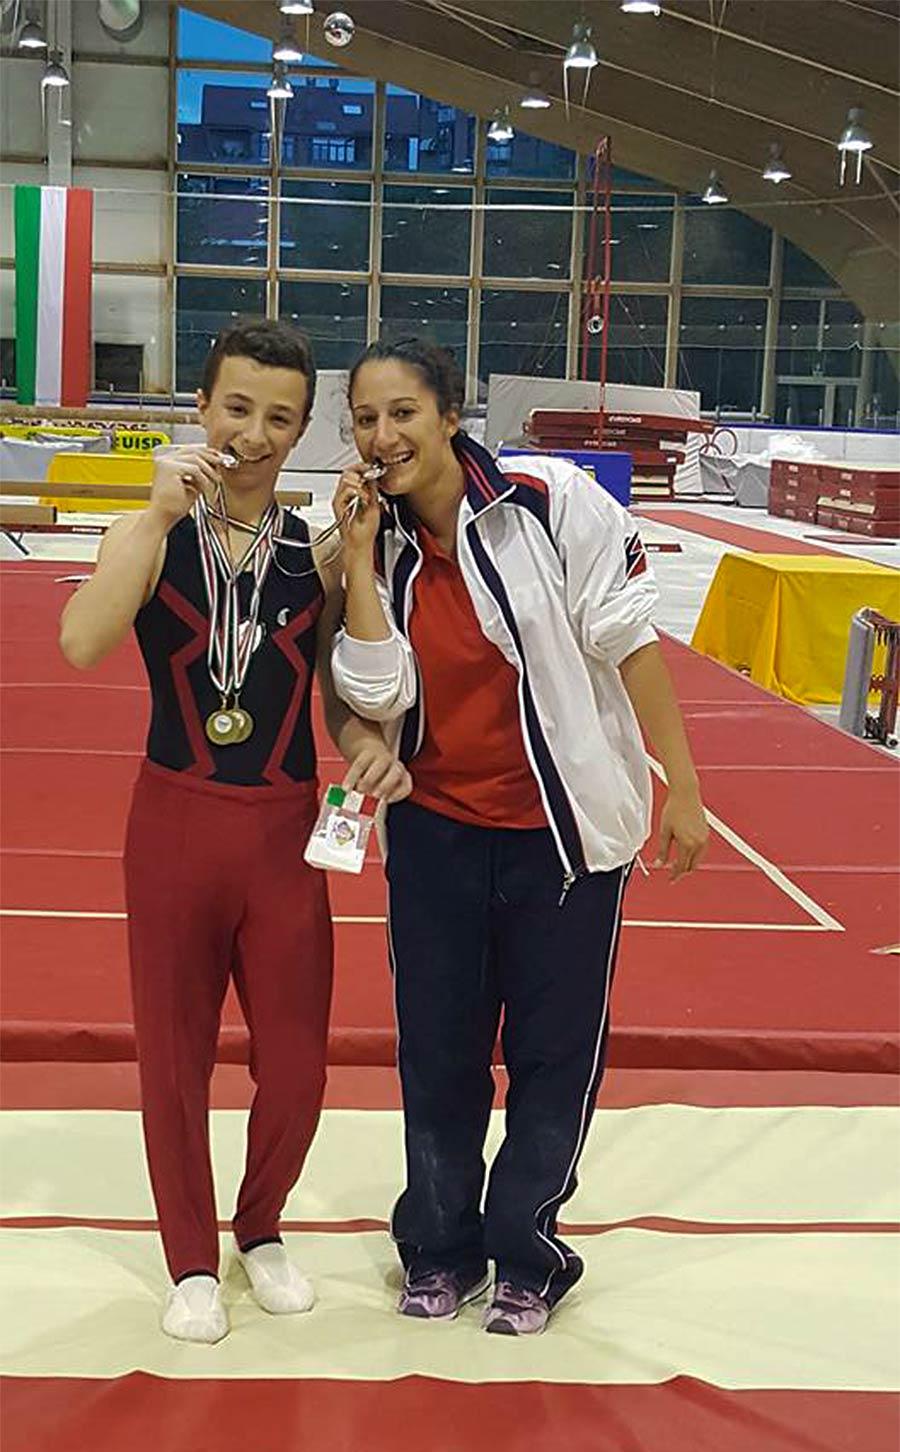 campionato-nazionale-uisp-atletica-mugello-3